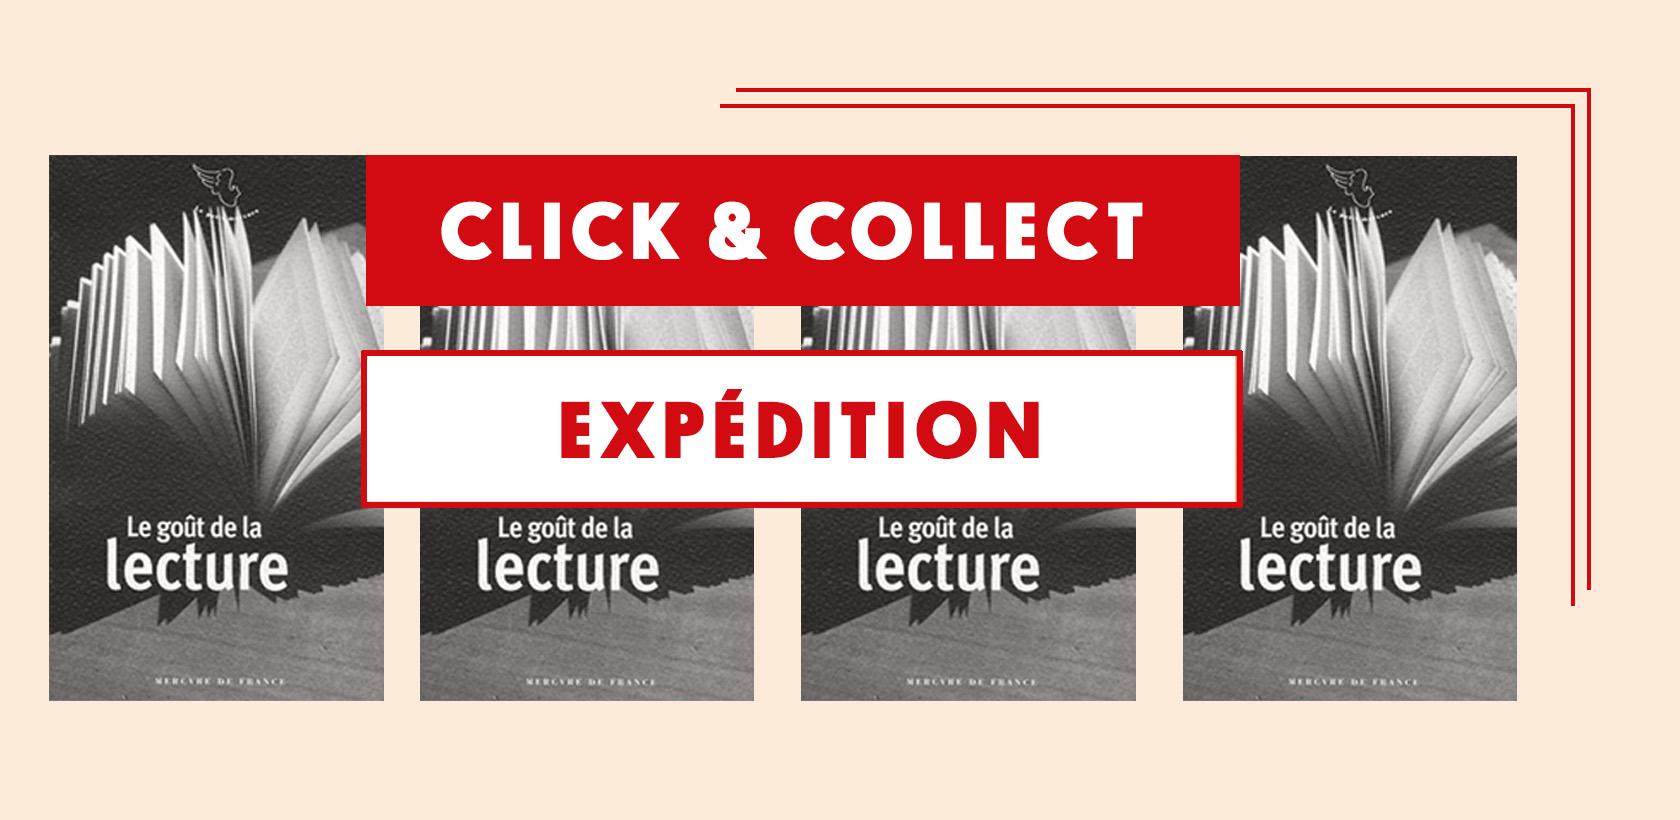 Click & Collect et expédition toujours actifs !